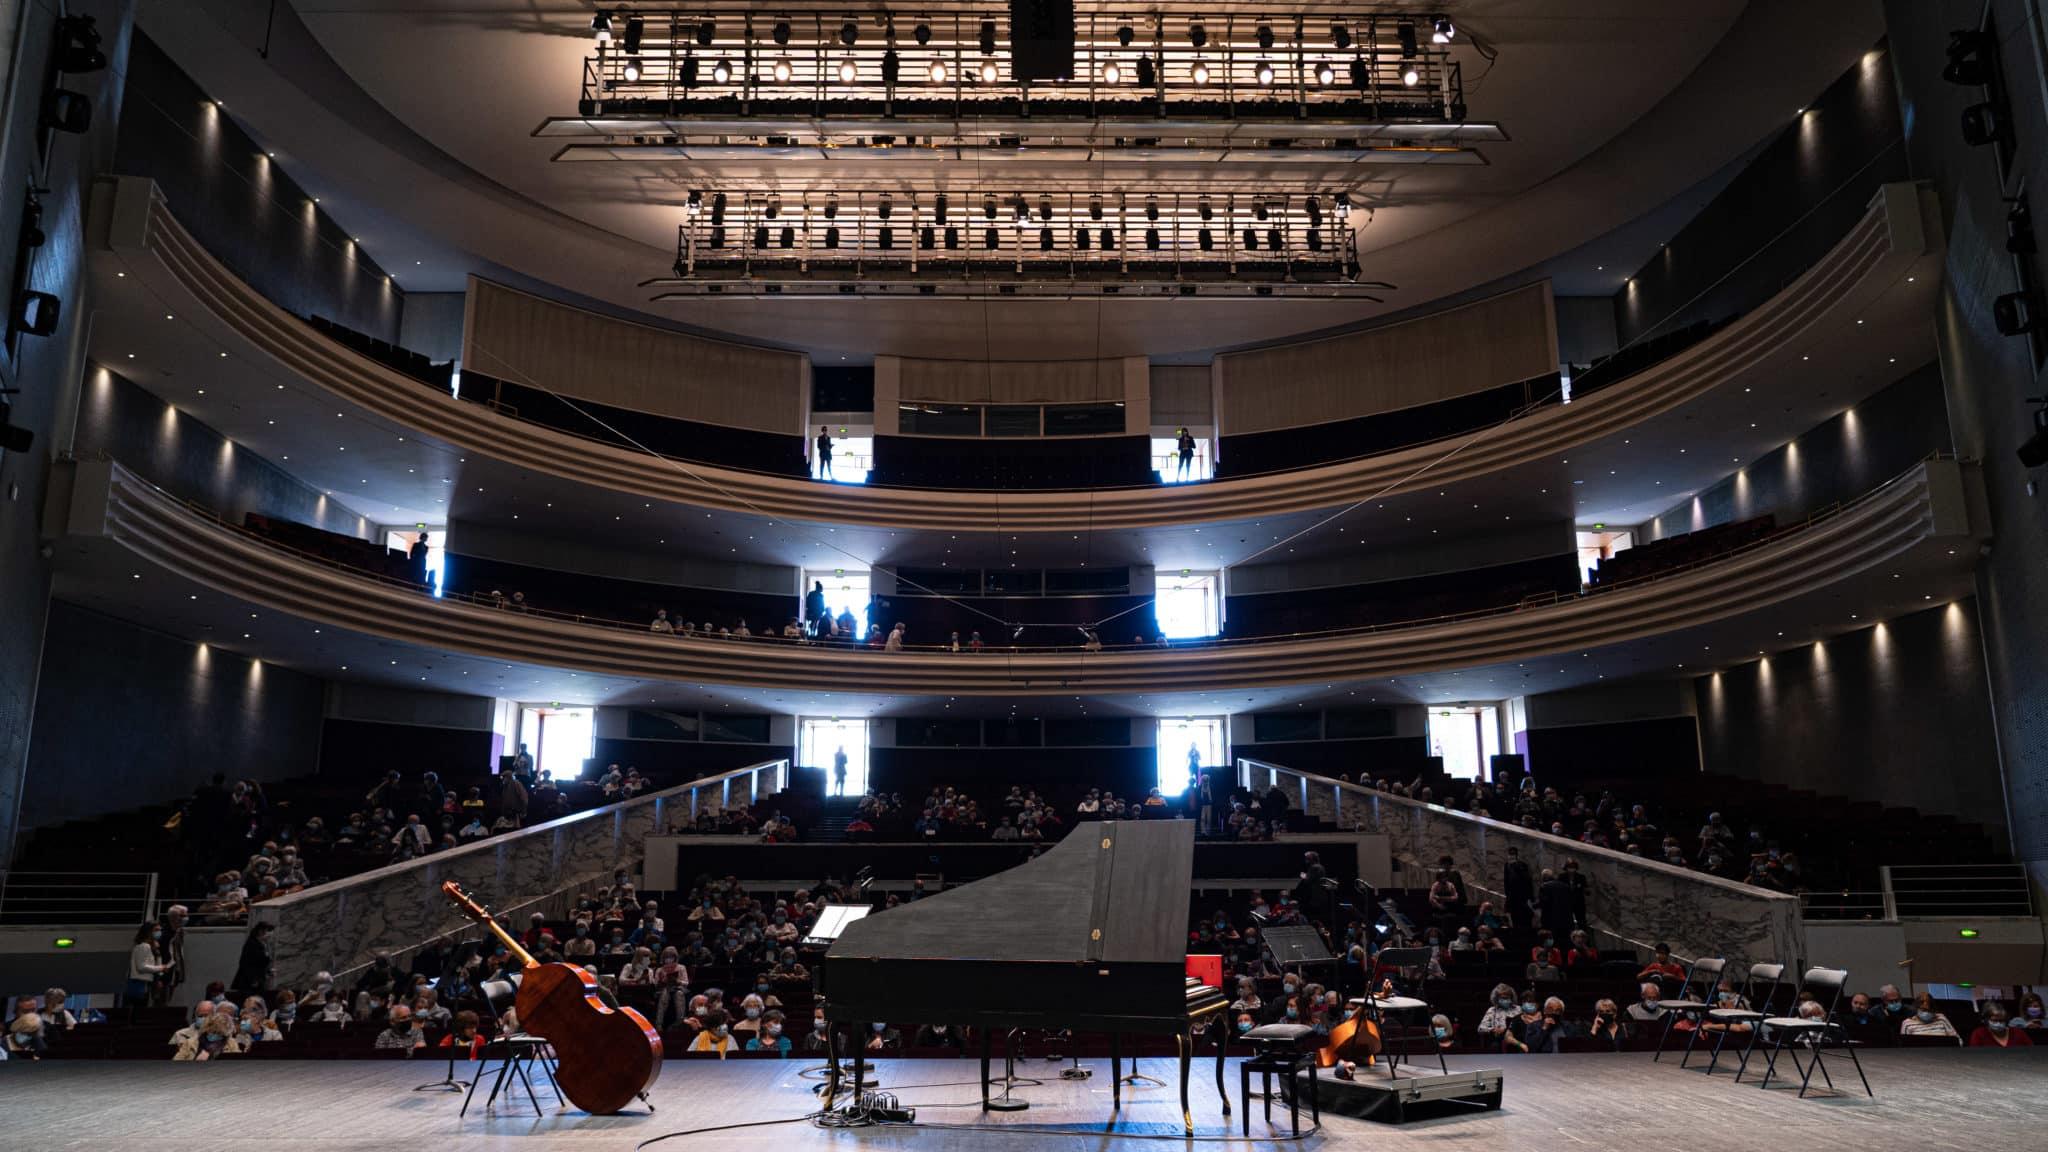 La Folle Journée Nantes Cité des Congrès Grand Auditorium